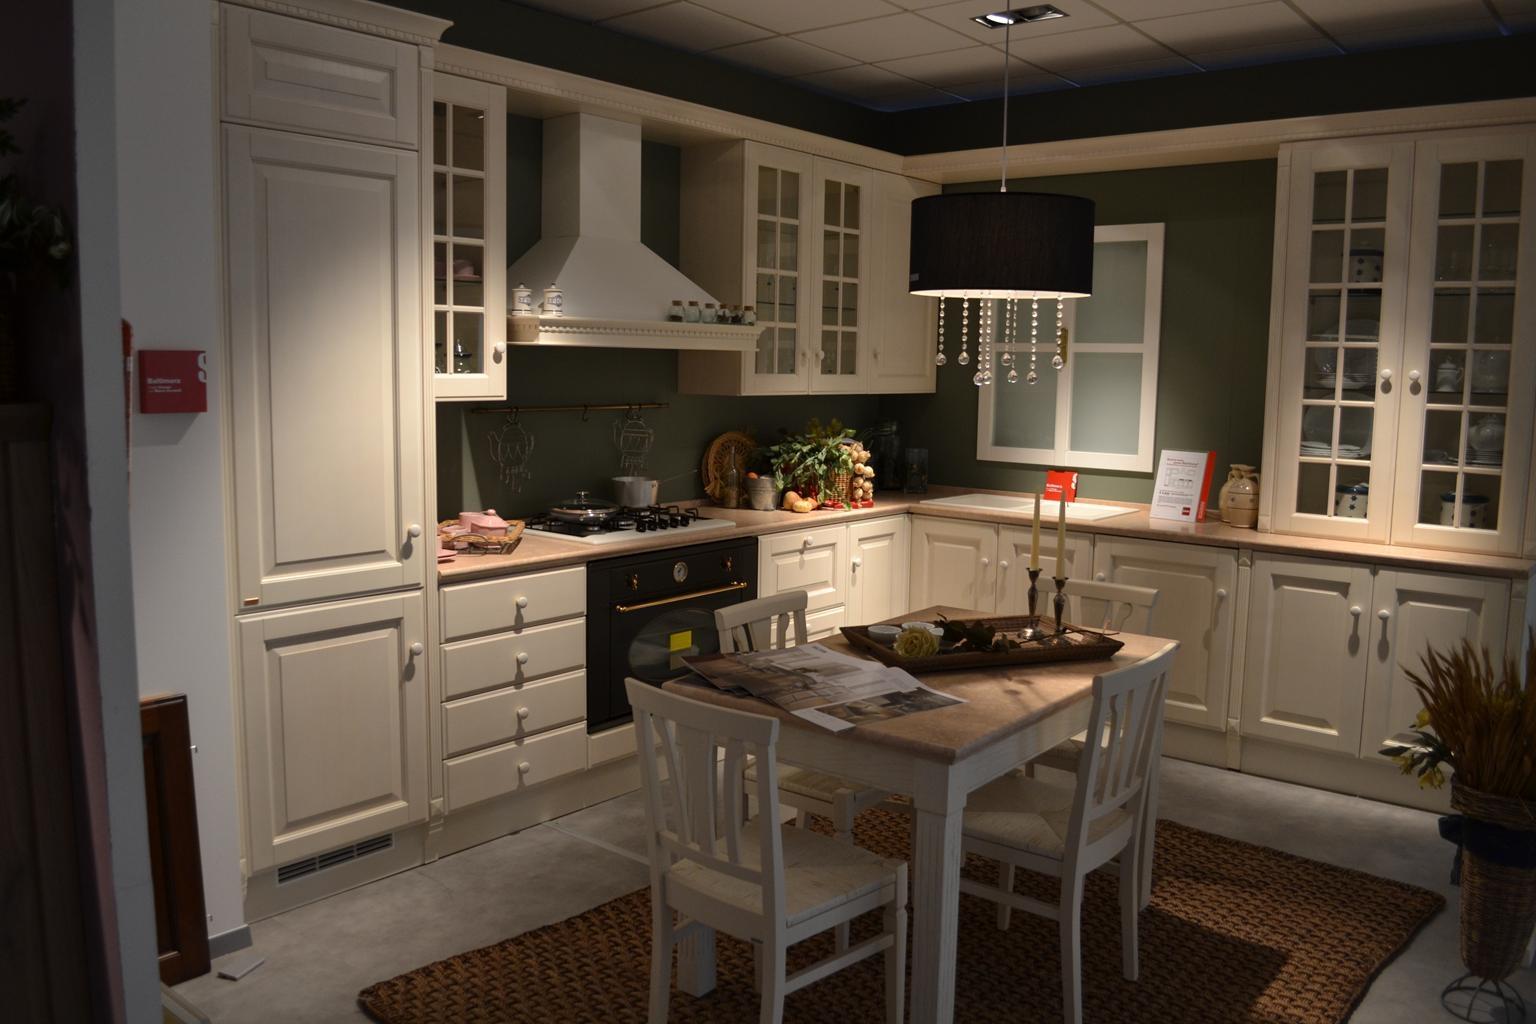 Cucina Scavolini Baltimora frassino bianco scontato del -64 % - Cucine a prezzi scontati